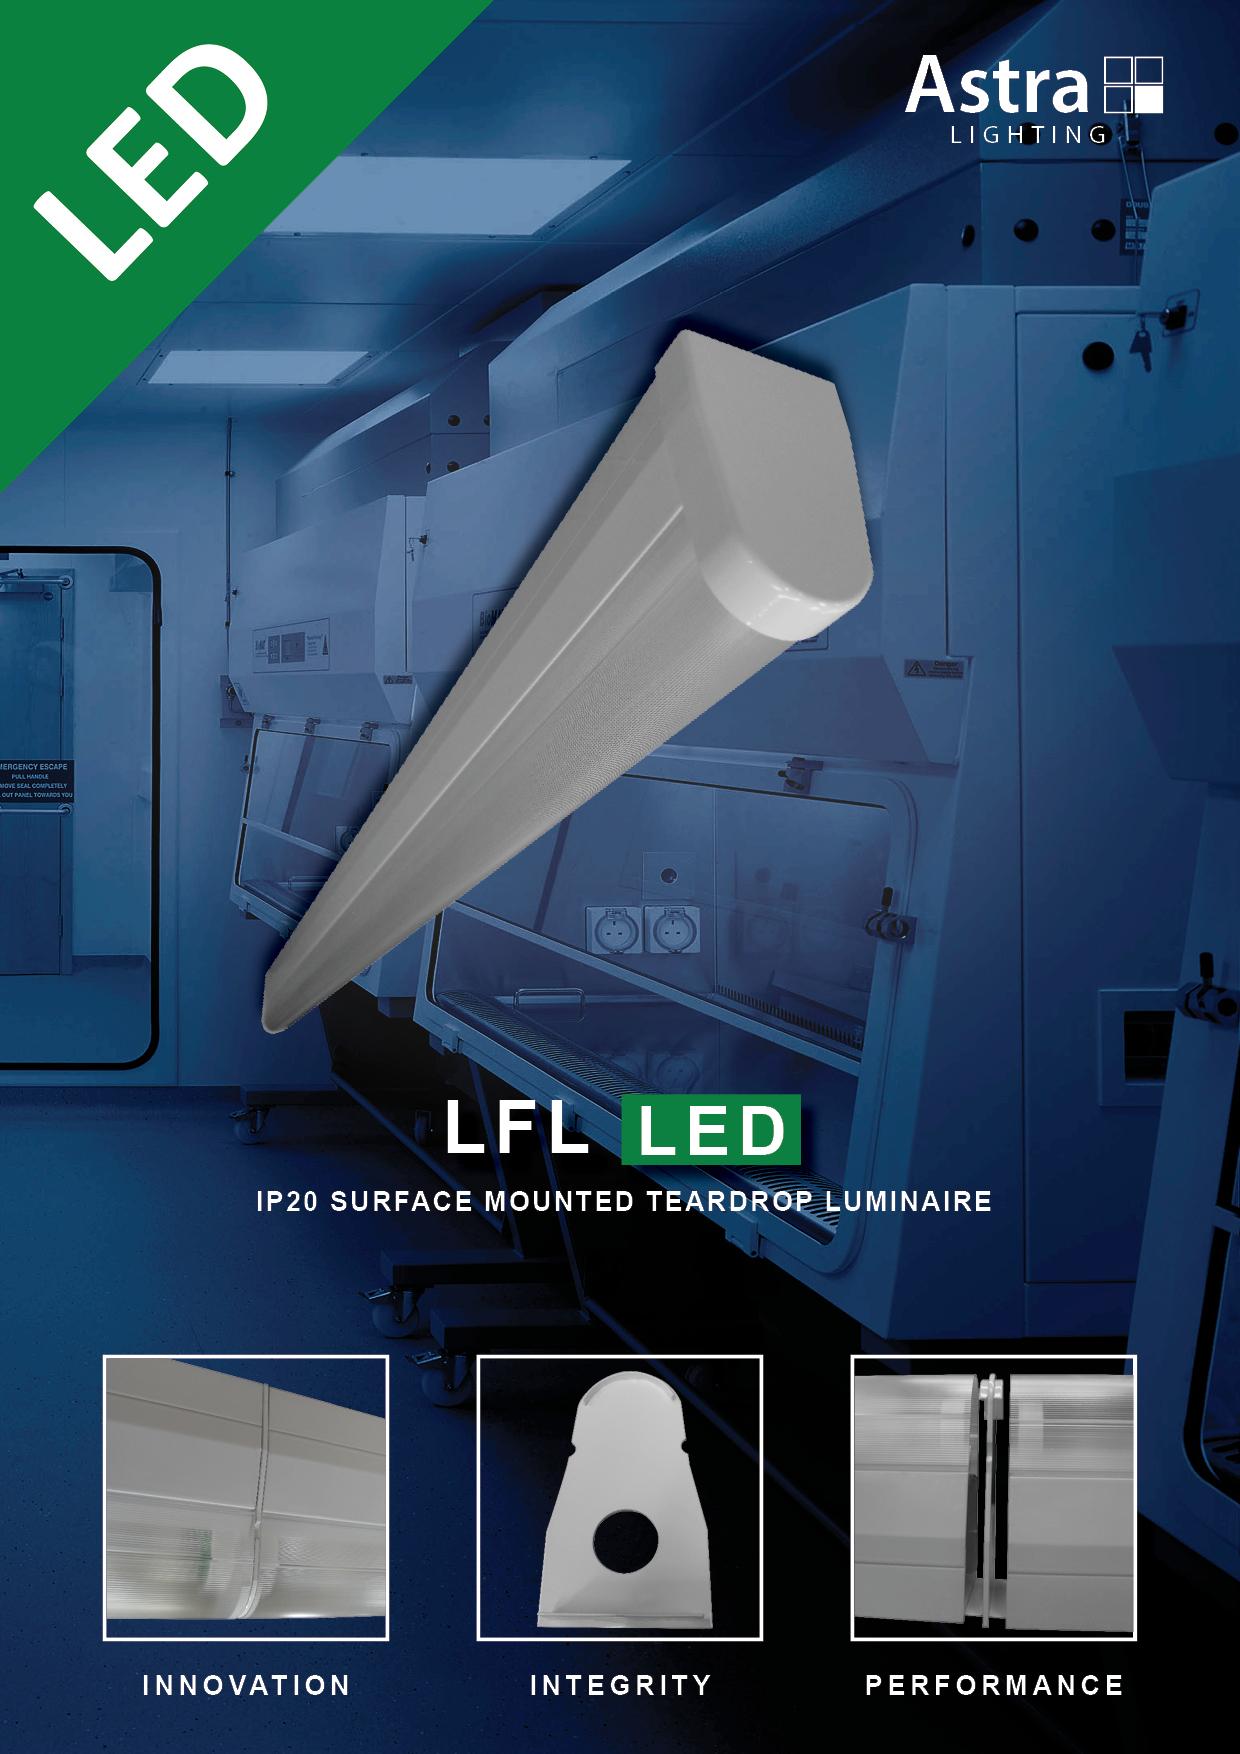 LFL-LED